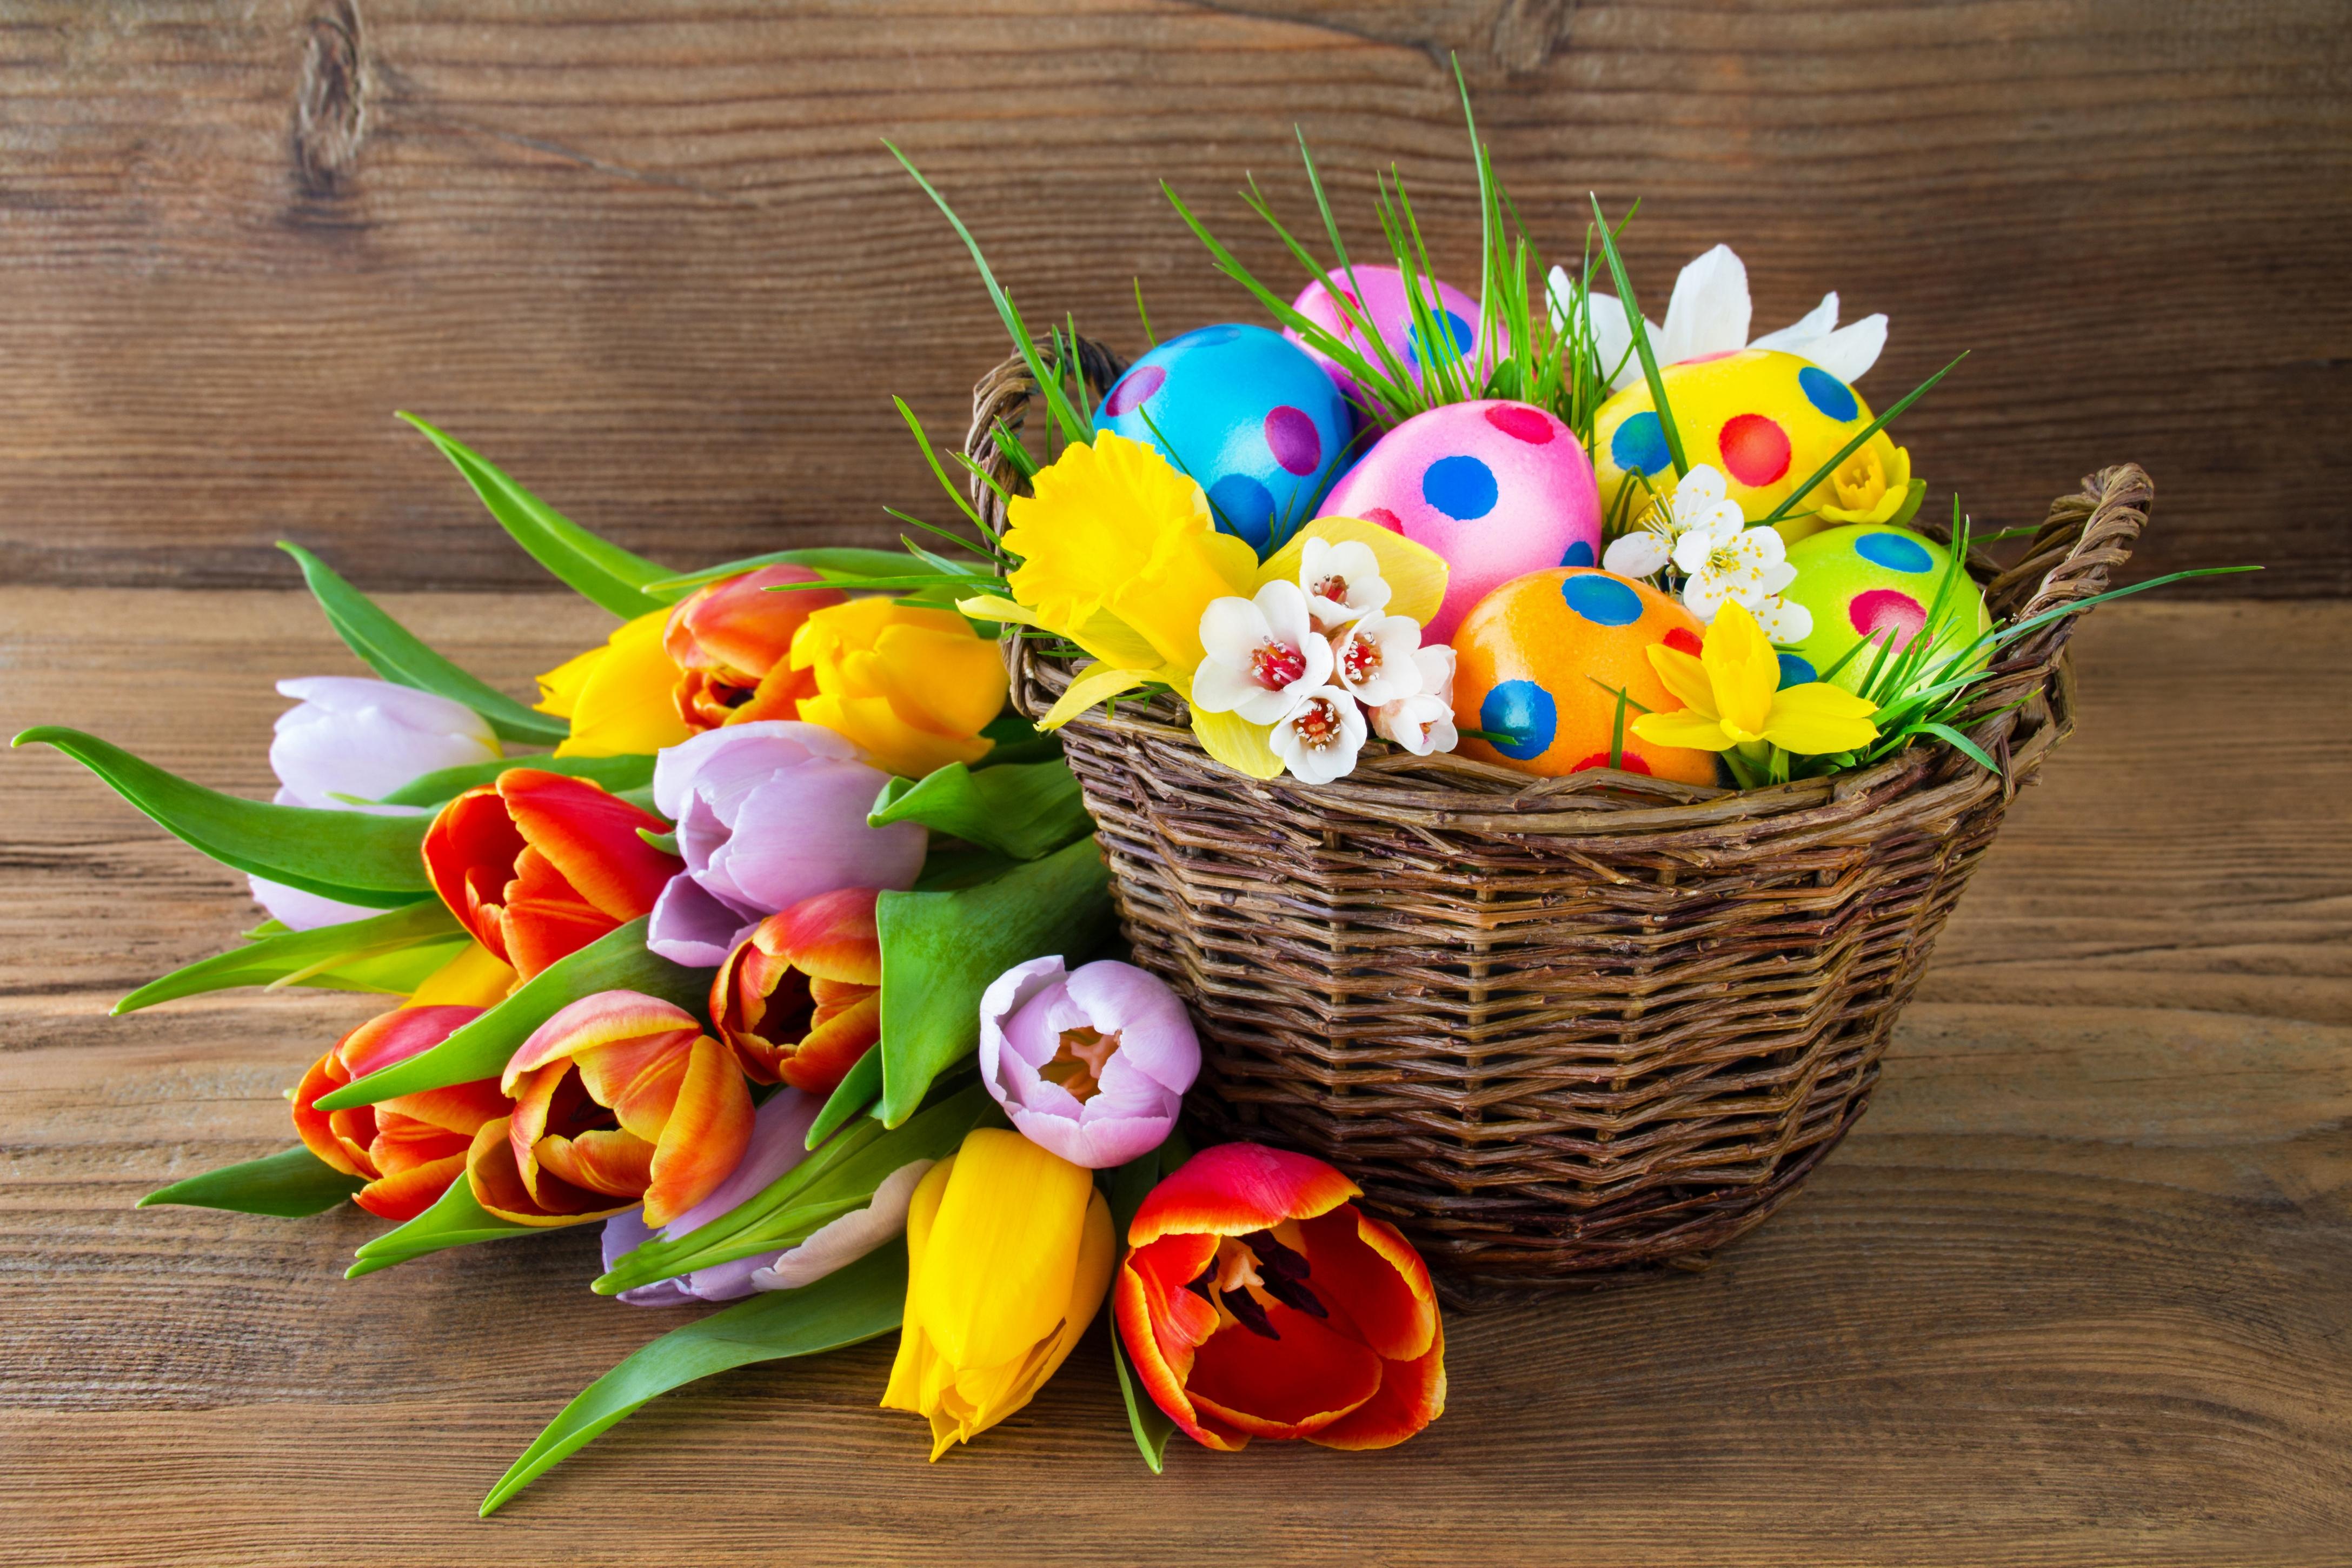 <p>Разноцветные яйца в корзине</p>